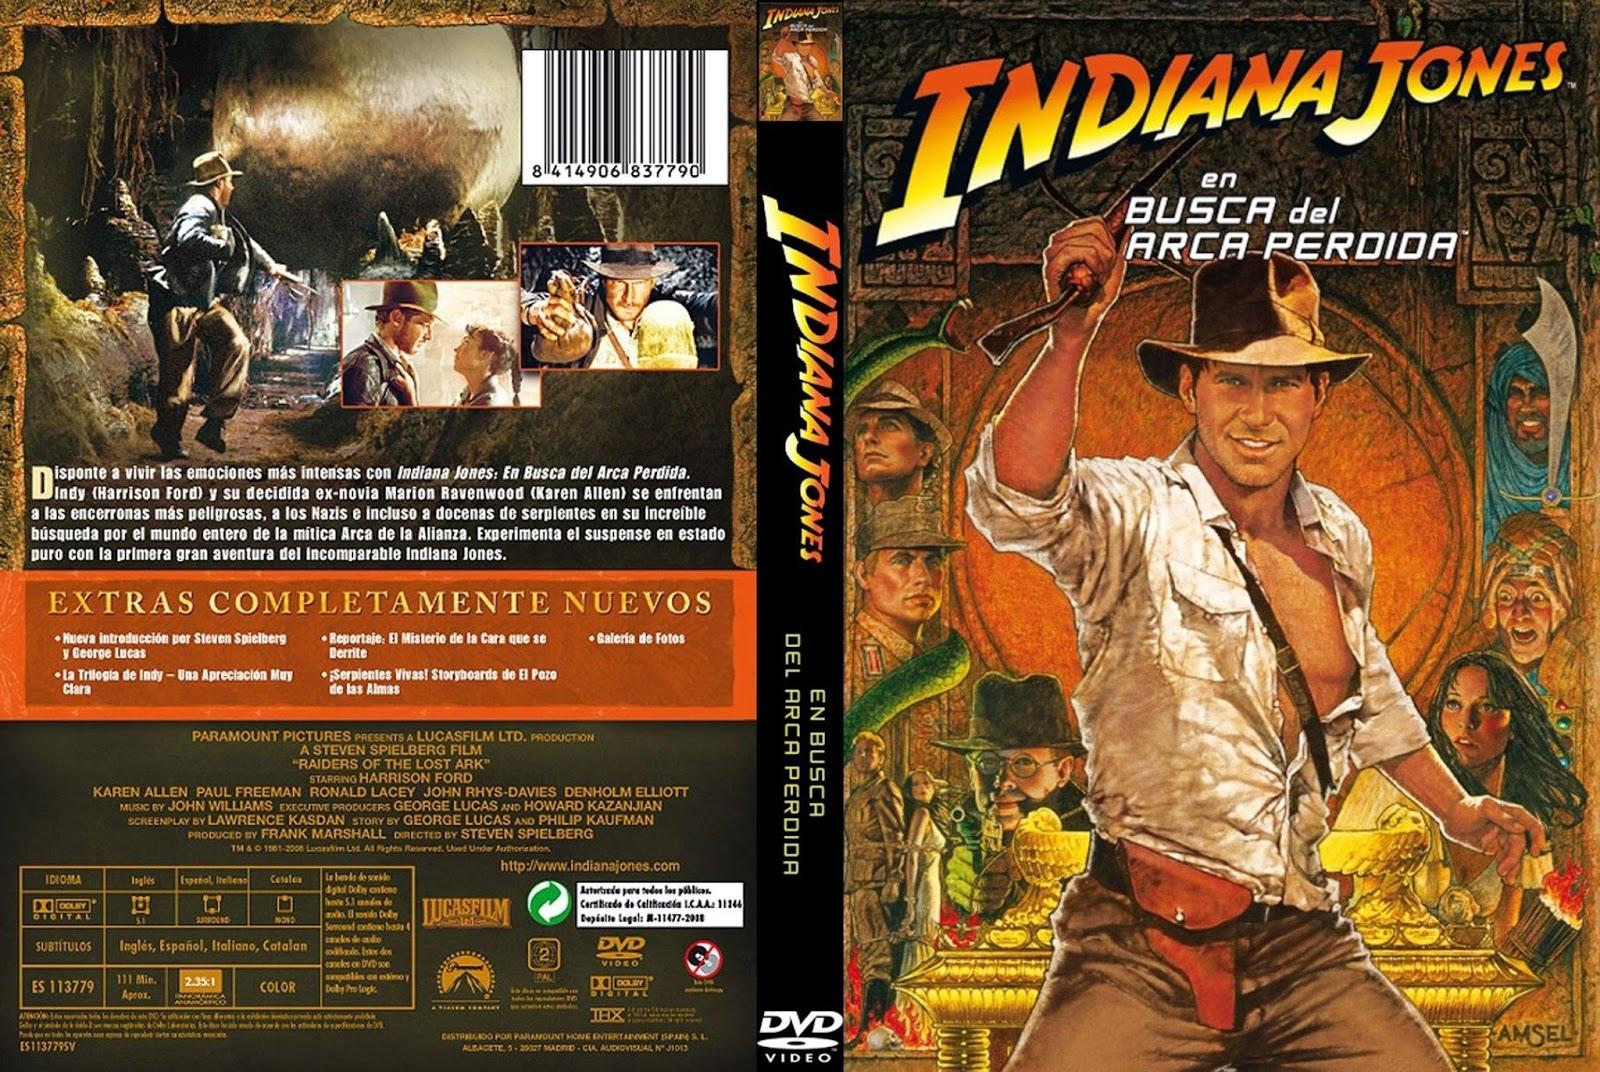 Indiana jones en busca del arca perdida 1981 for En busca del arca perdida